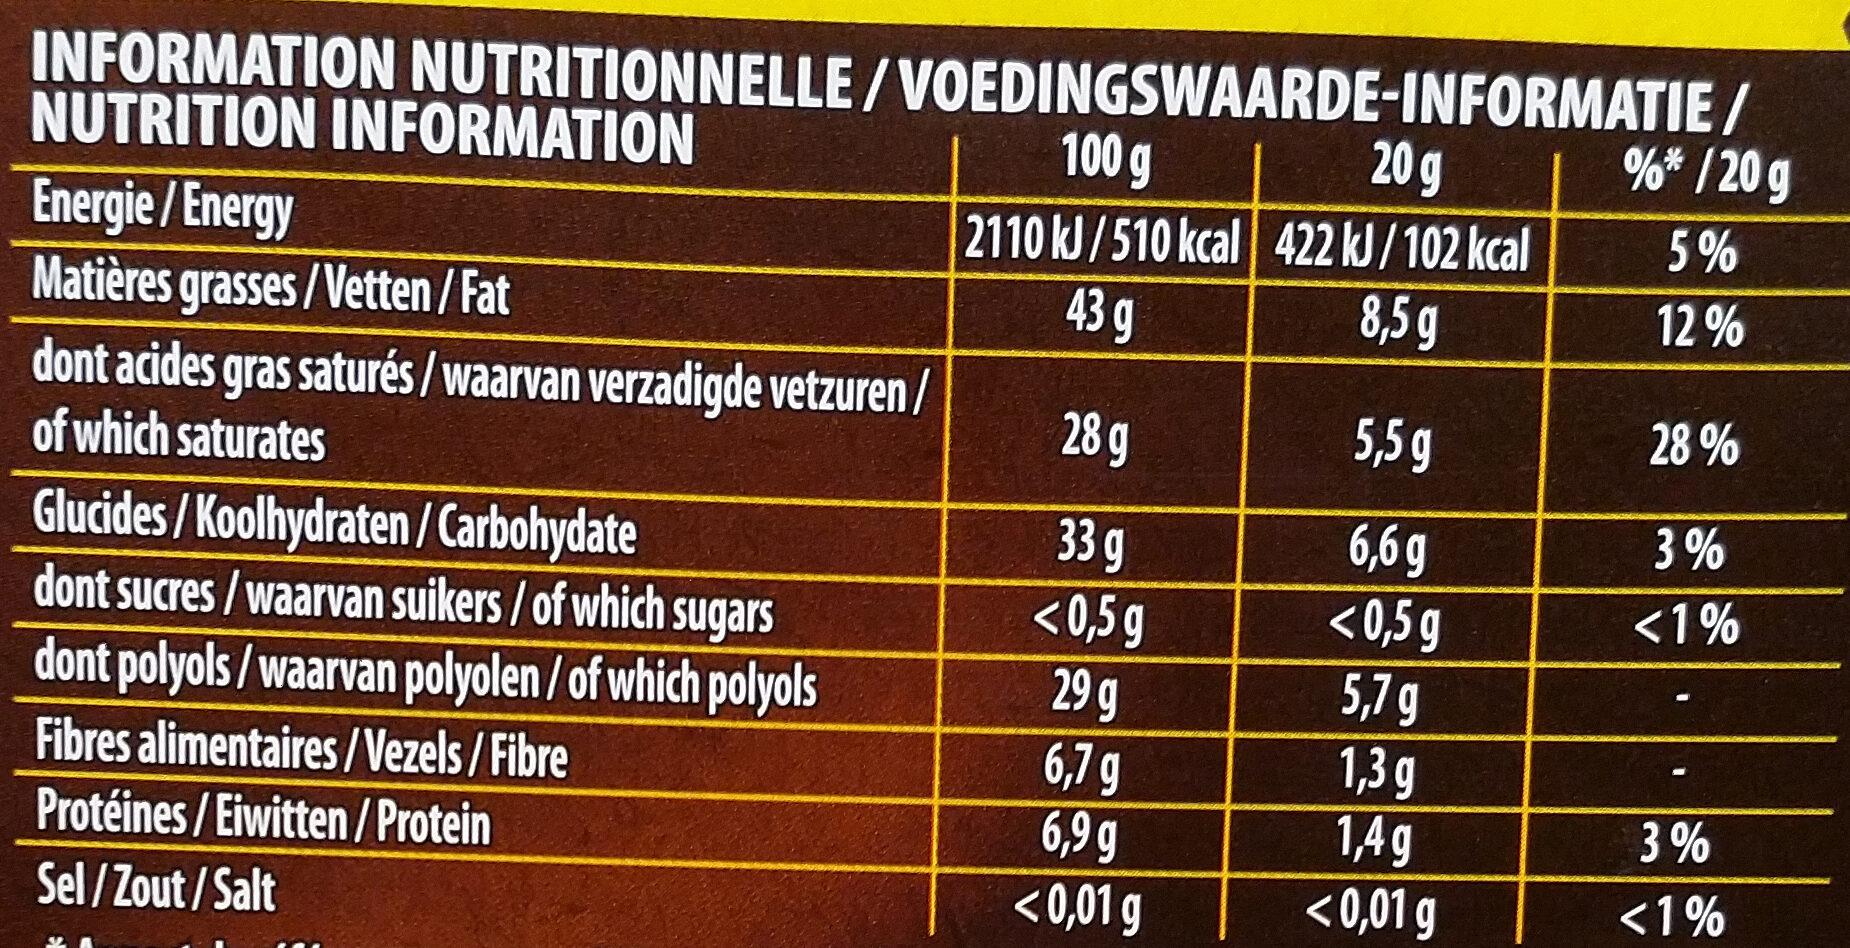 Fine et gourmande Noir 70% - Información nutricional - fr